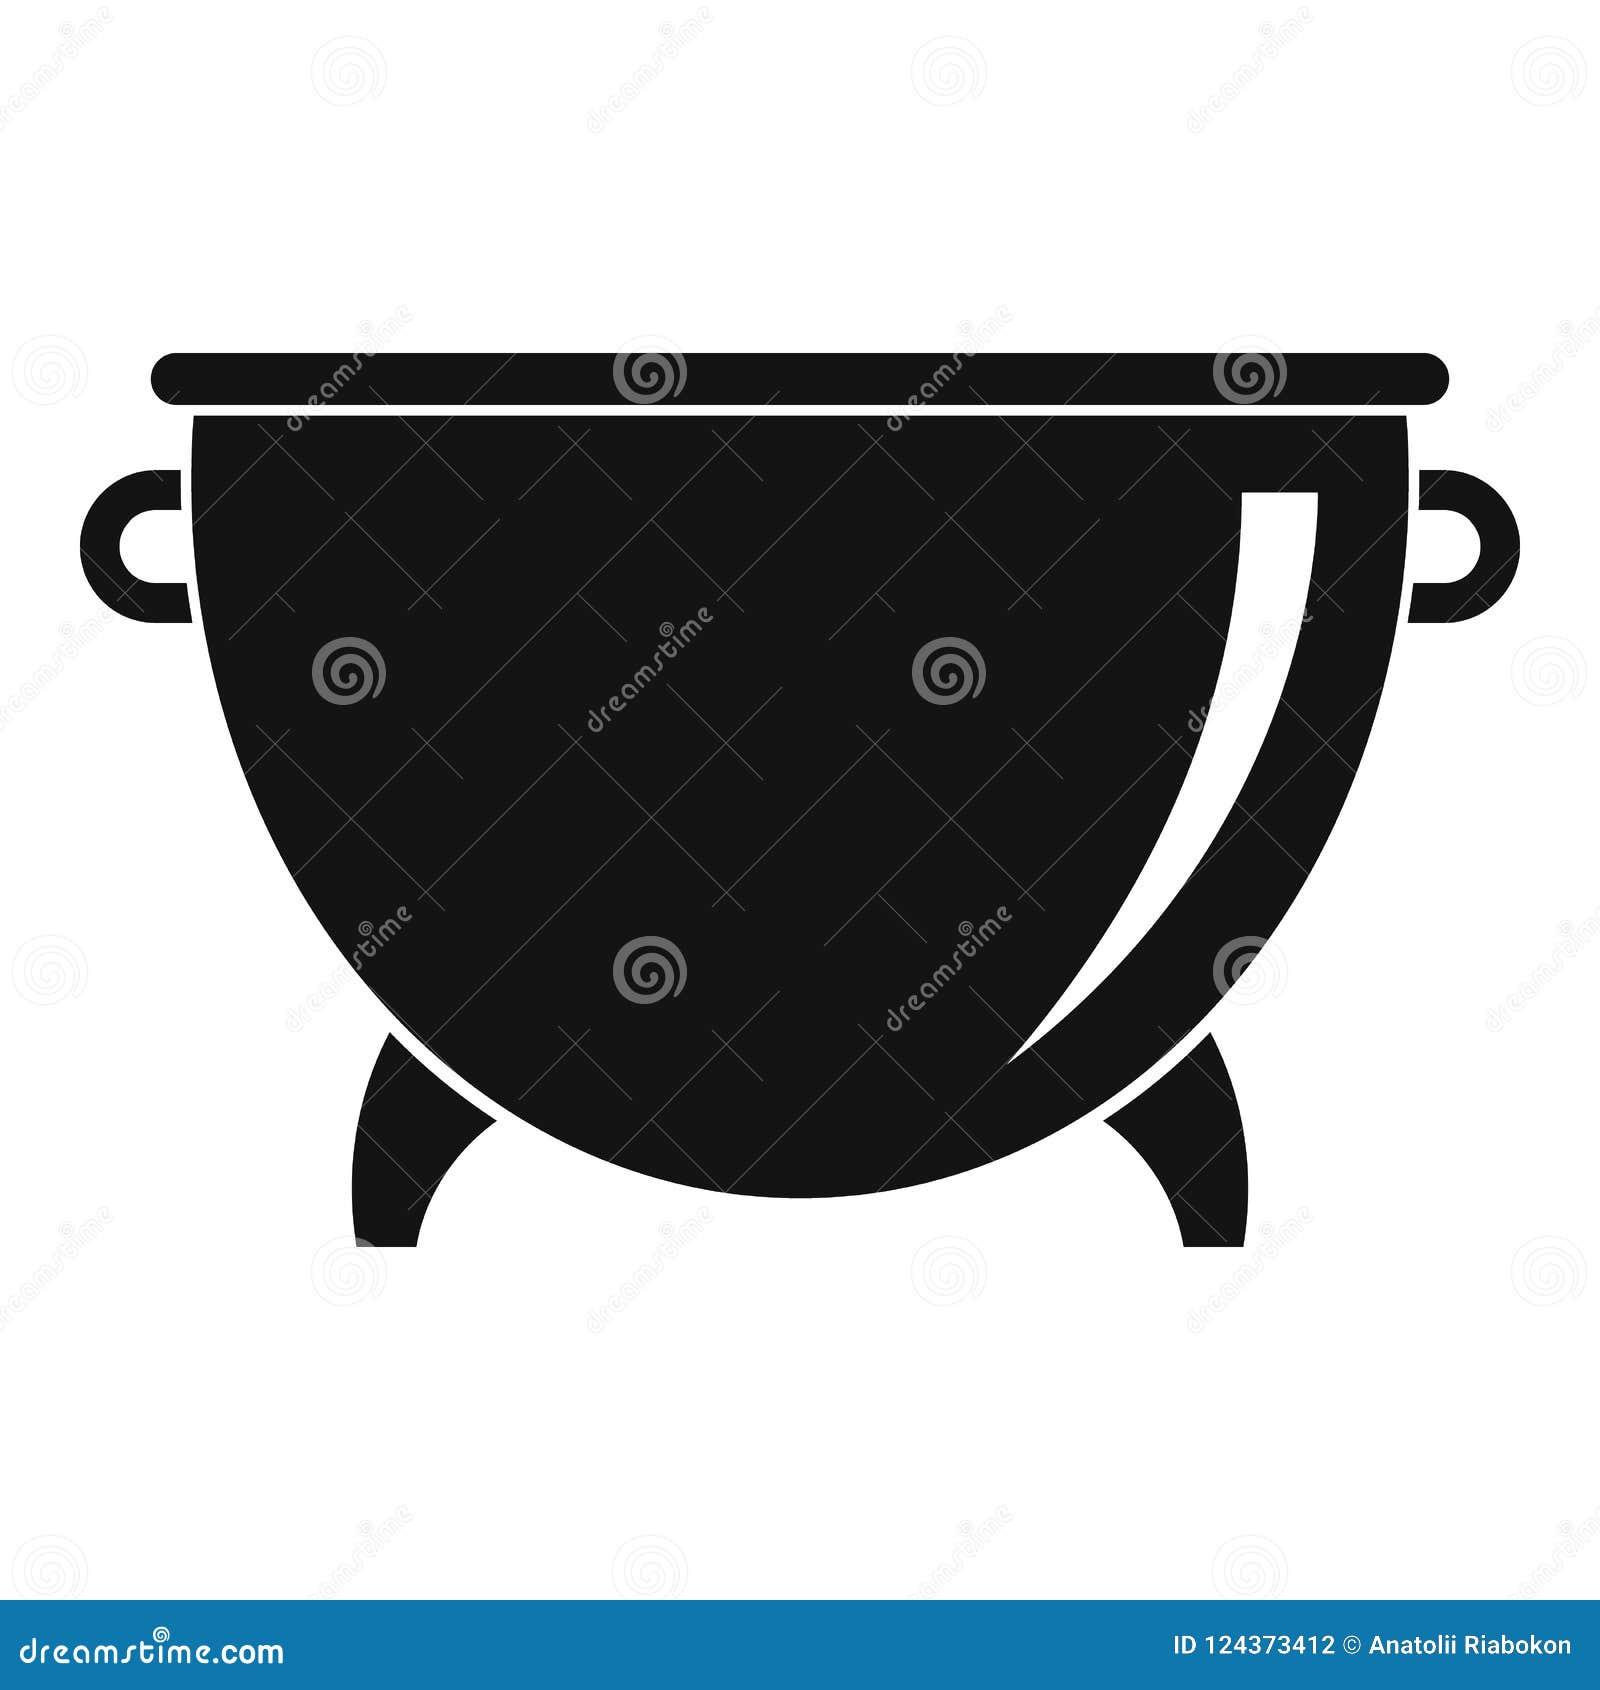 Icône De Chaudron De Cuisine Illustration Simple De Lu0027icône De Chaudron De  Cuisine Pour Le Web Design Du0027isolement Sur Le Fond Blanc